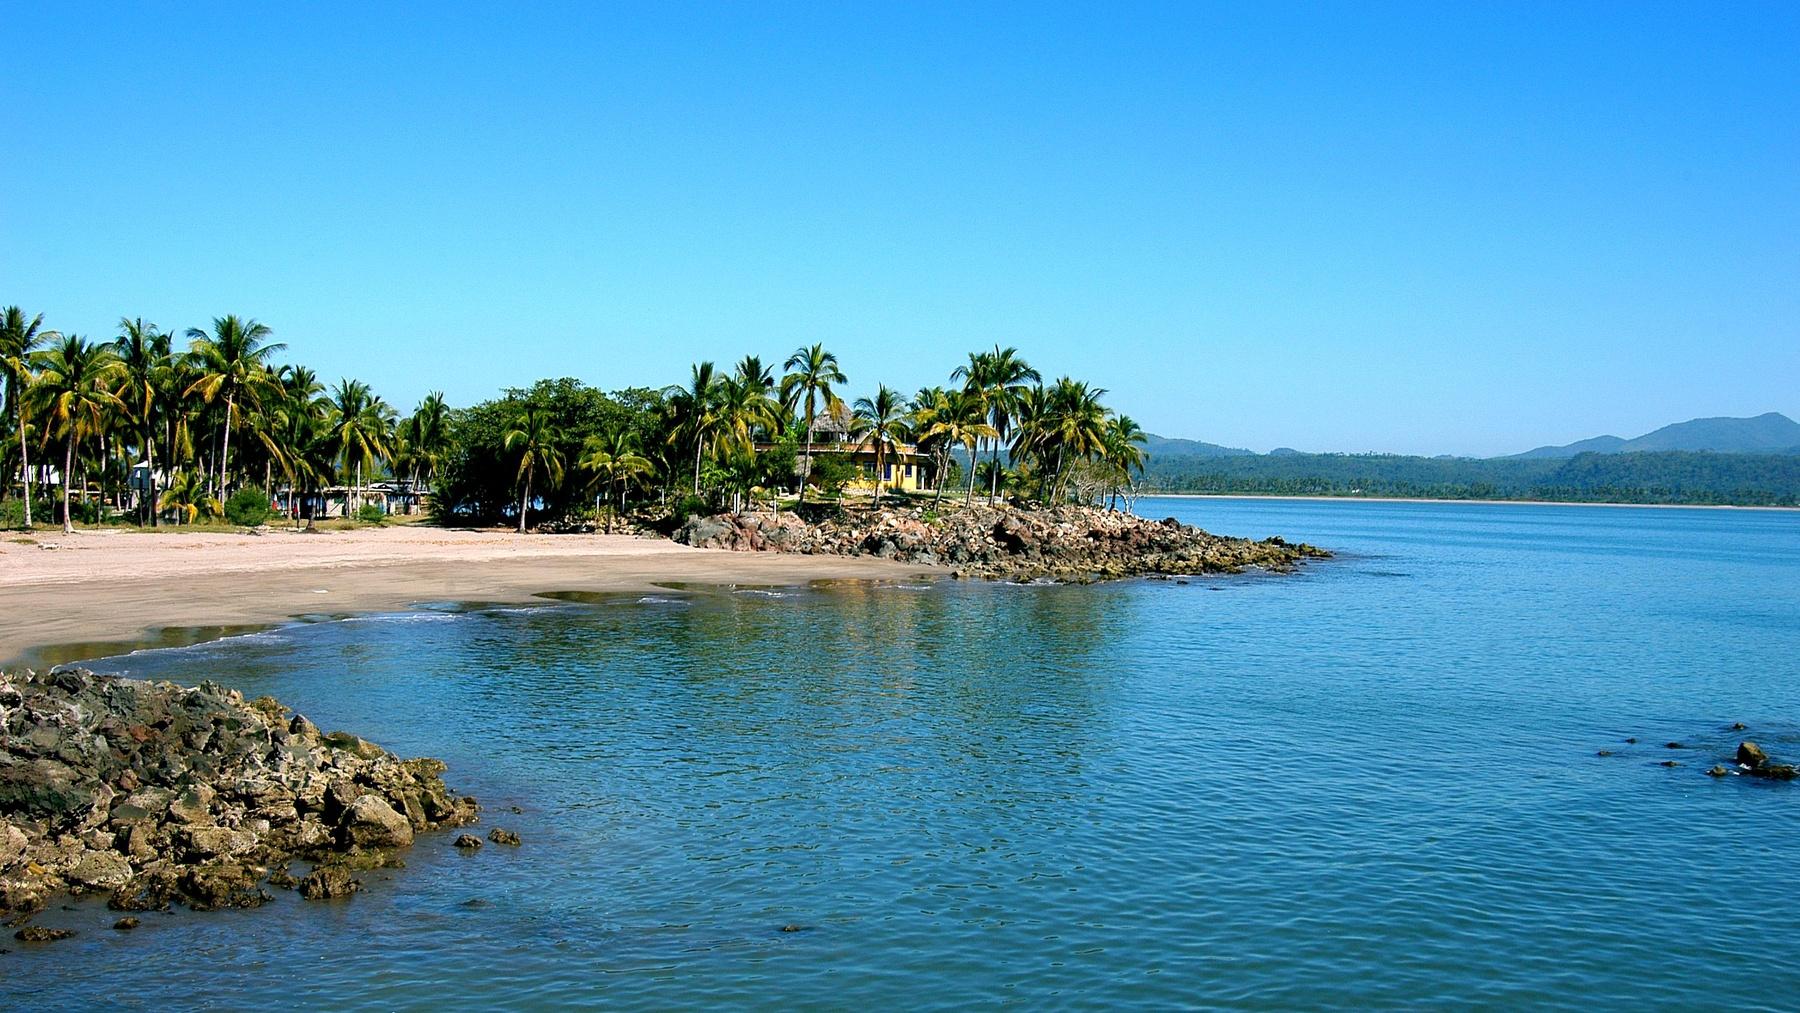 More Playa lo de Marcos